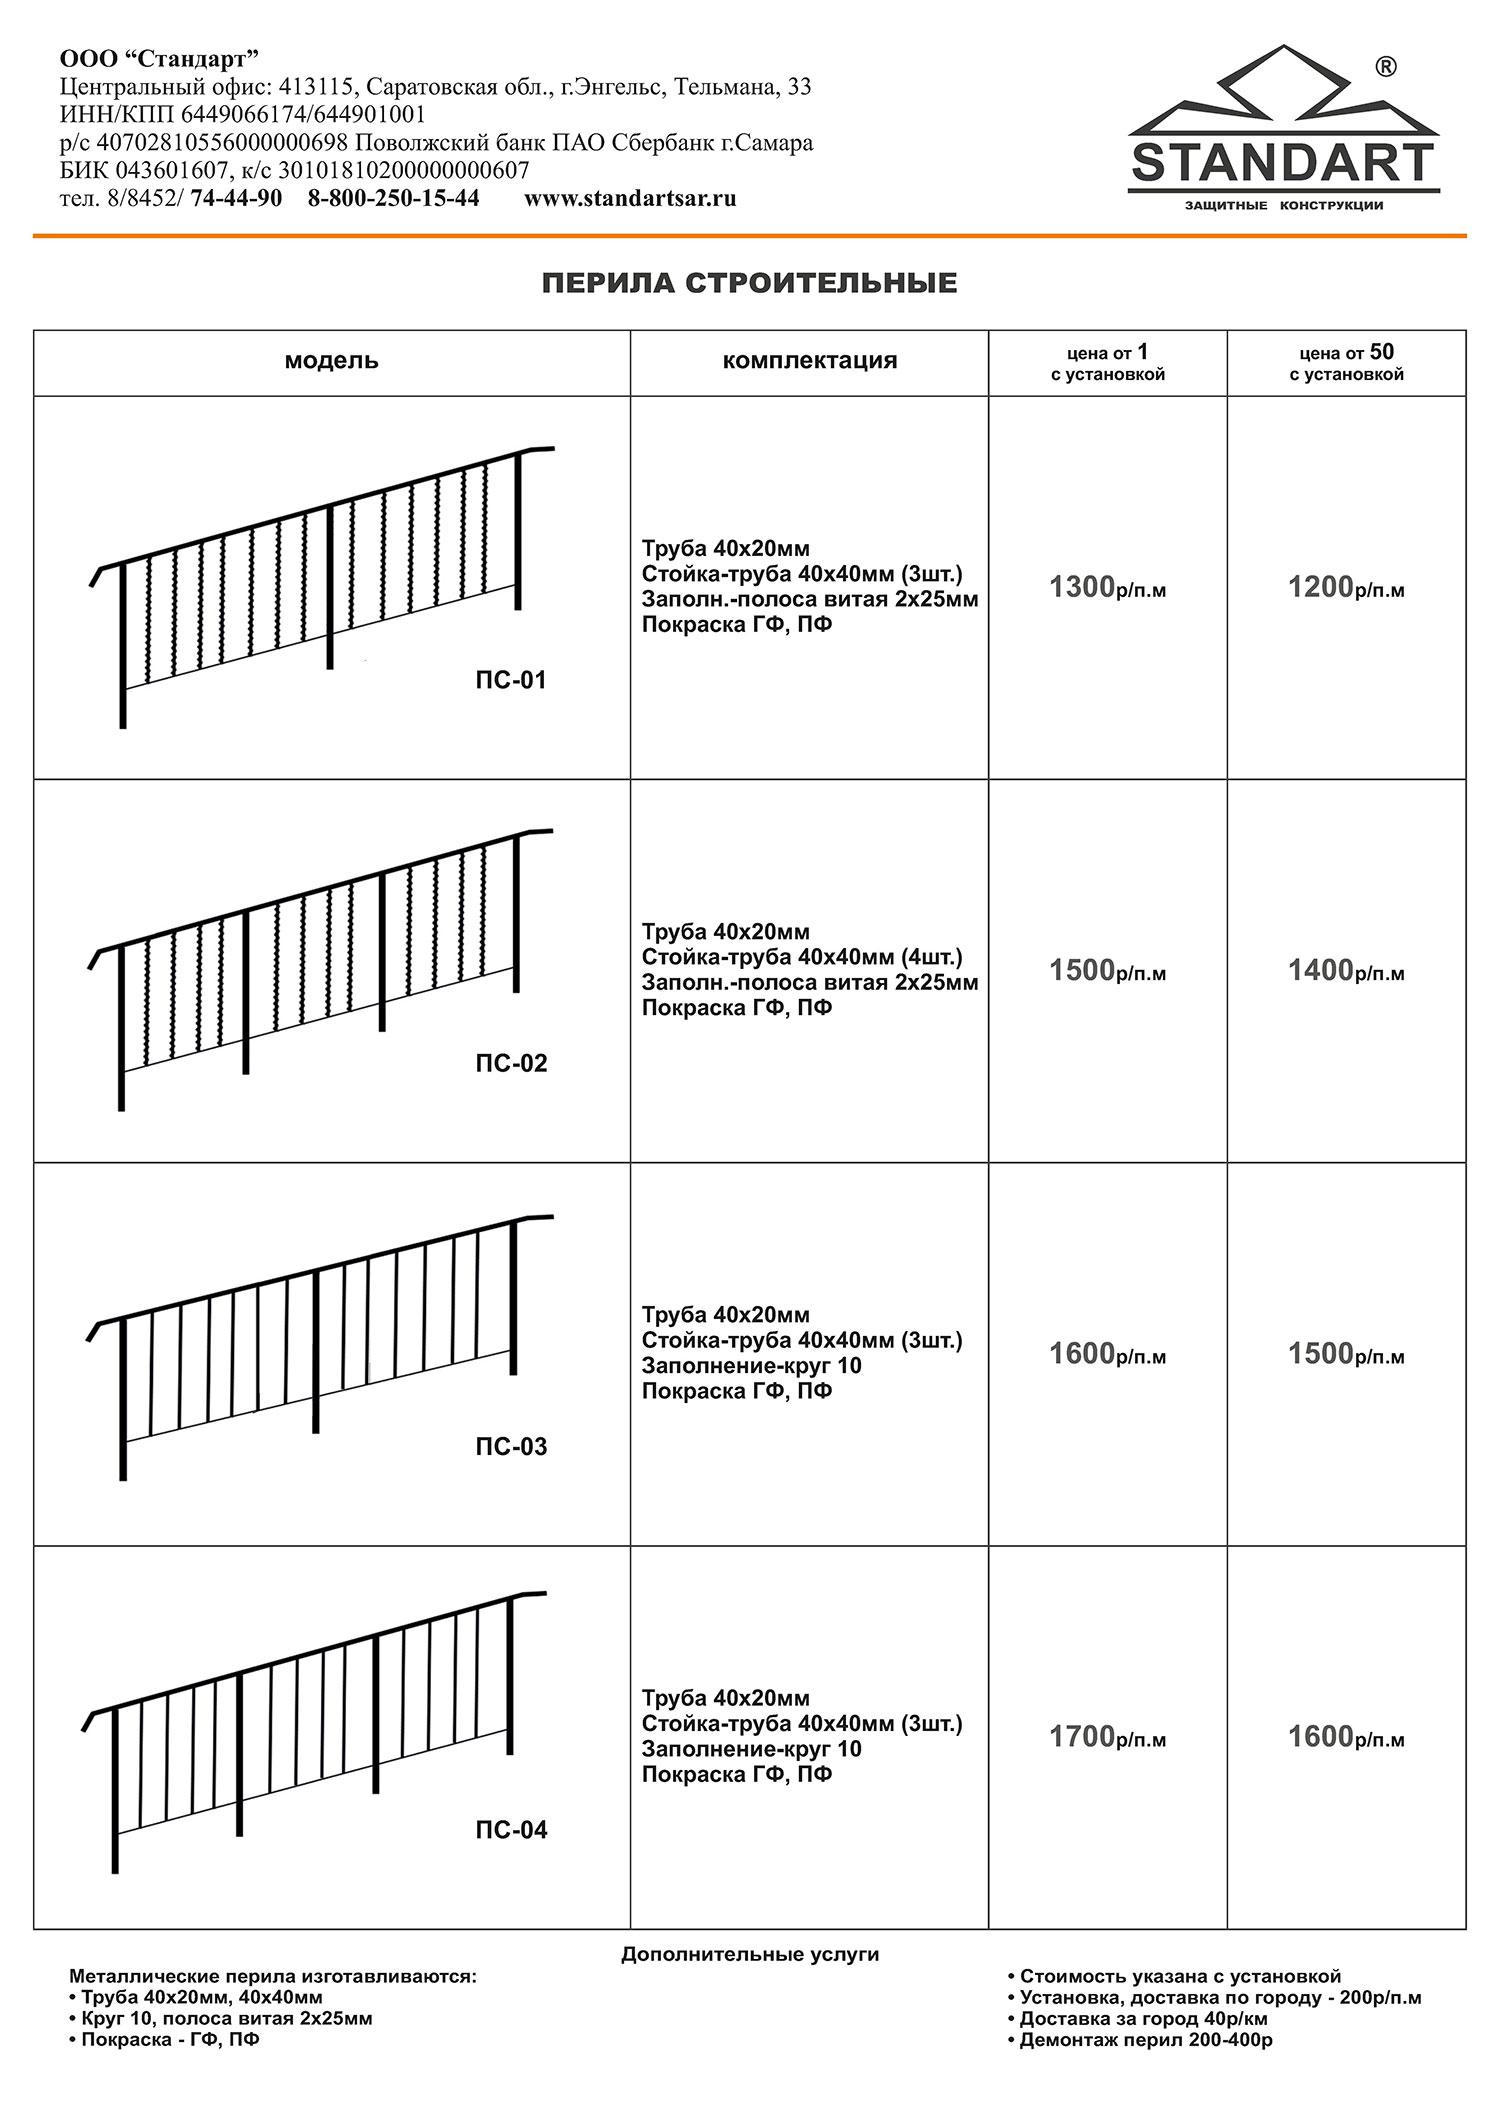 Цены на перила строительные